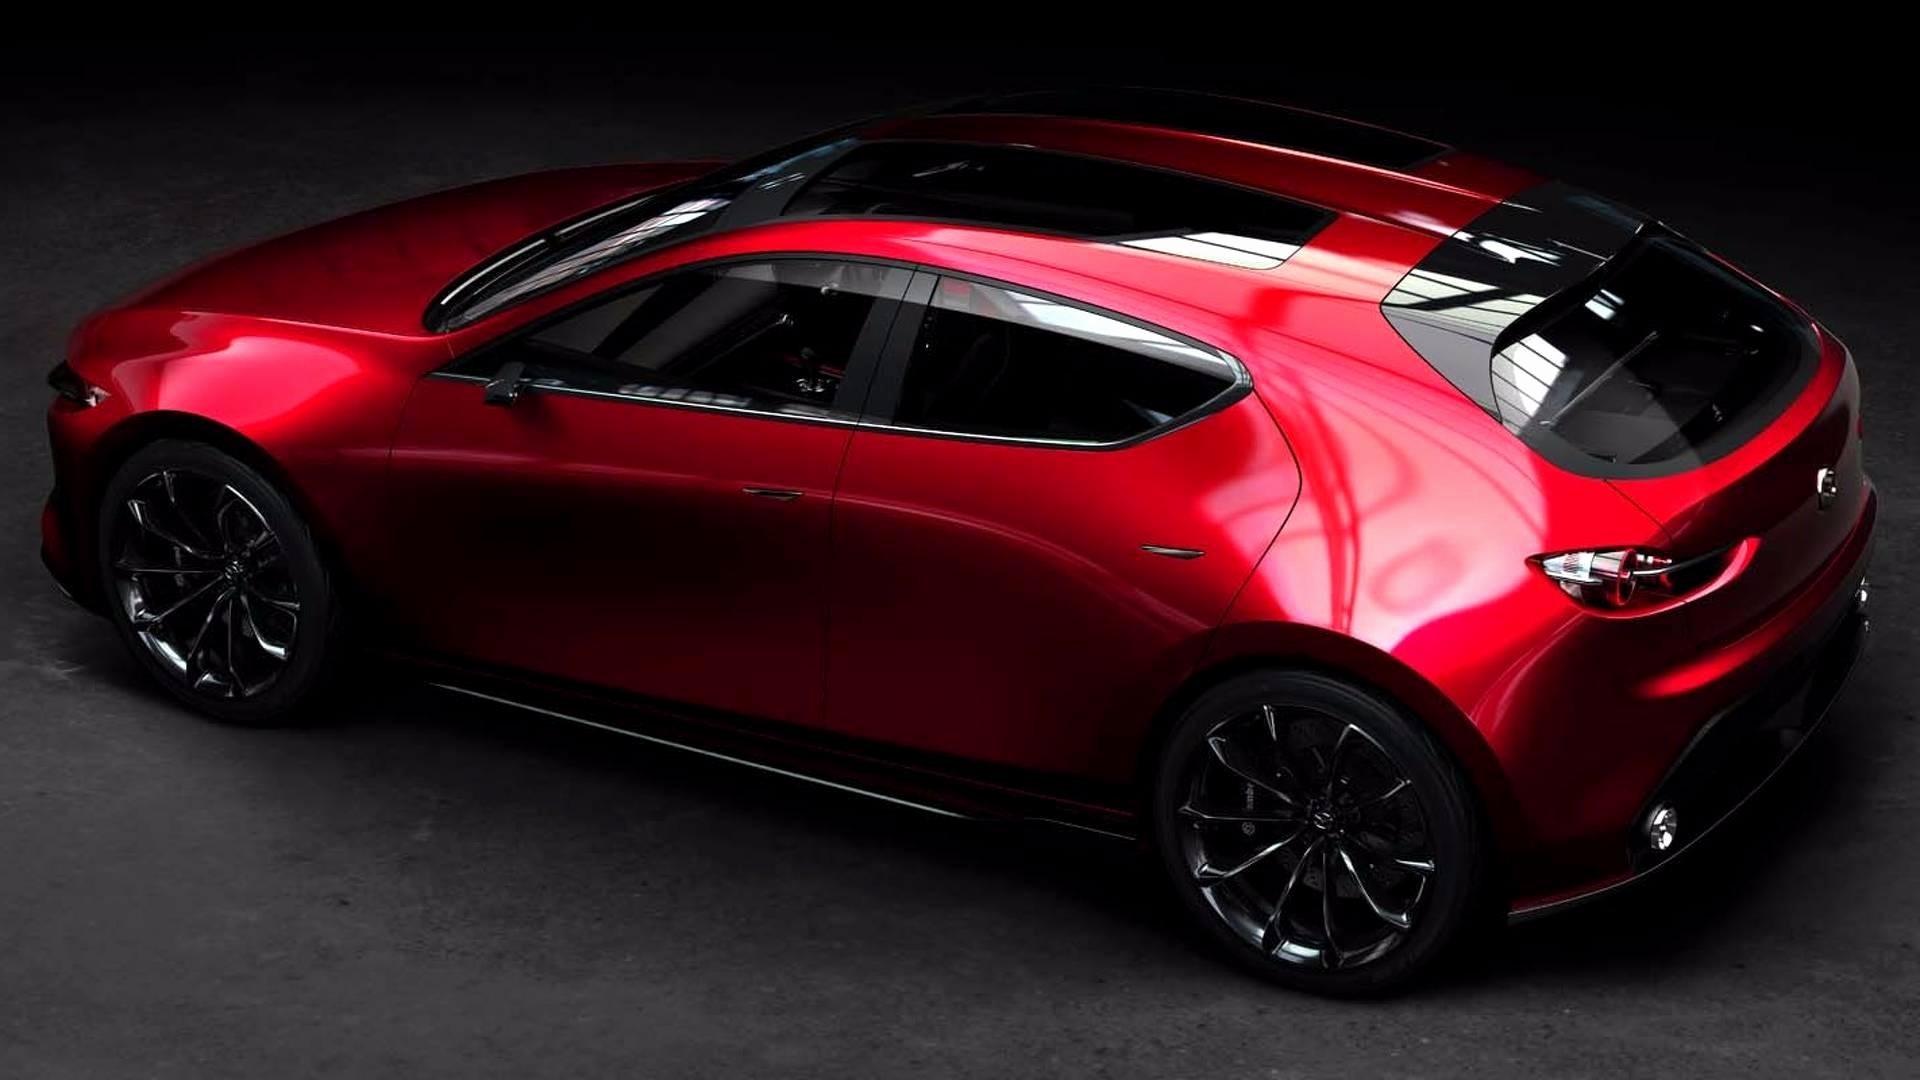 3 2019 Nuova Mazda 3 2019 Ecco e Cambiera Con Il Motore